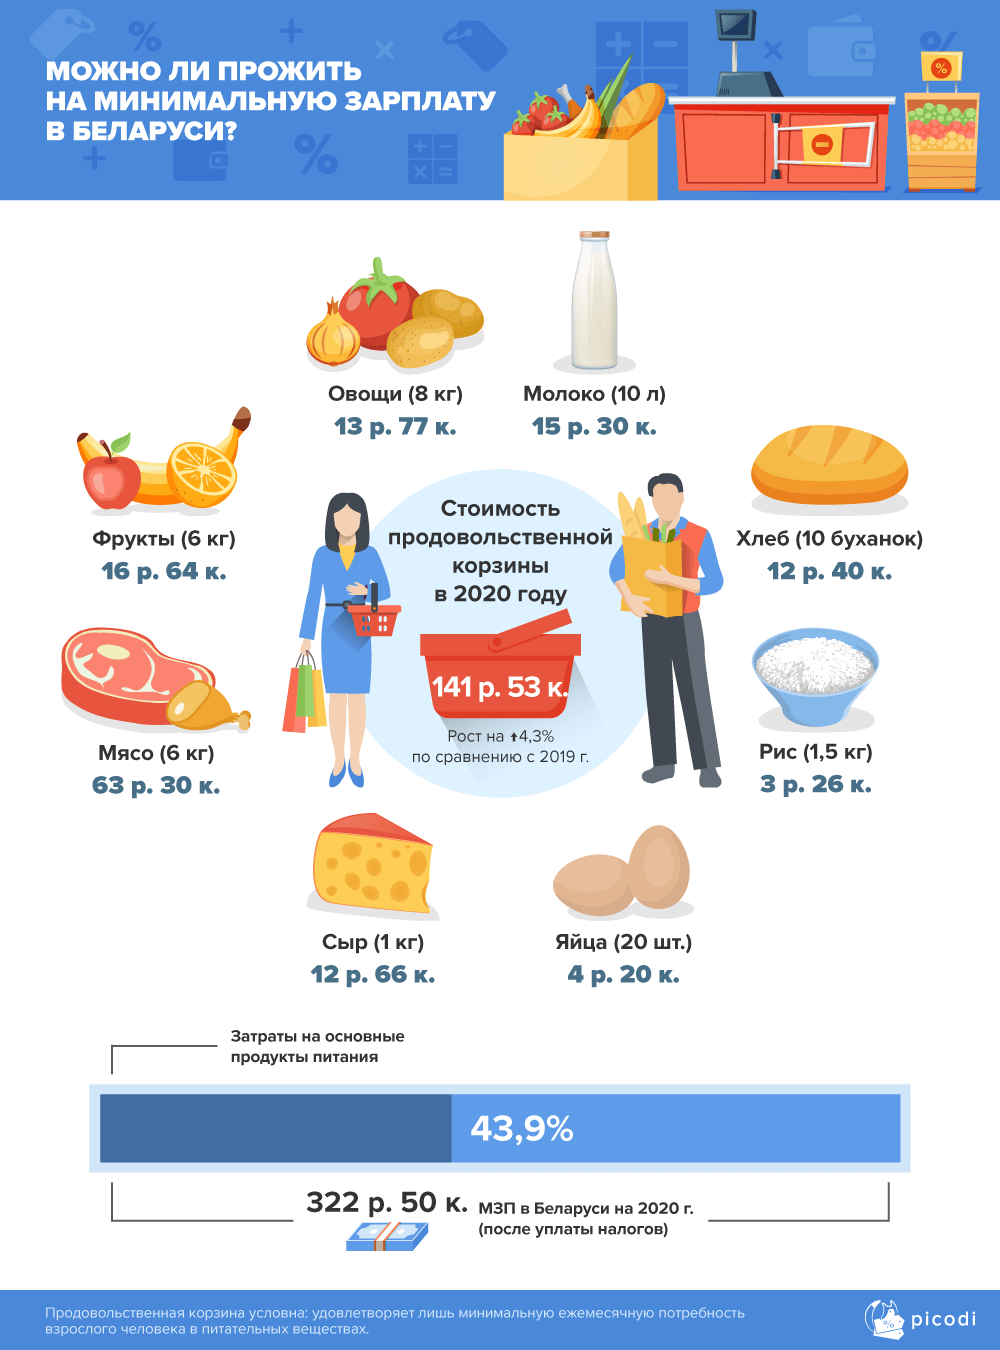 Минимальная зарплата в мире. На каком месте Беларусь?